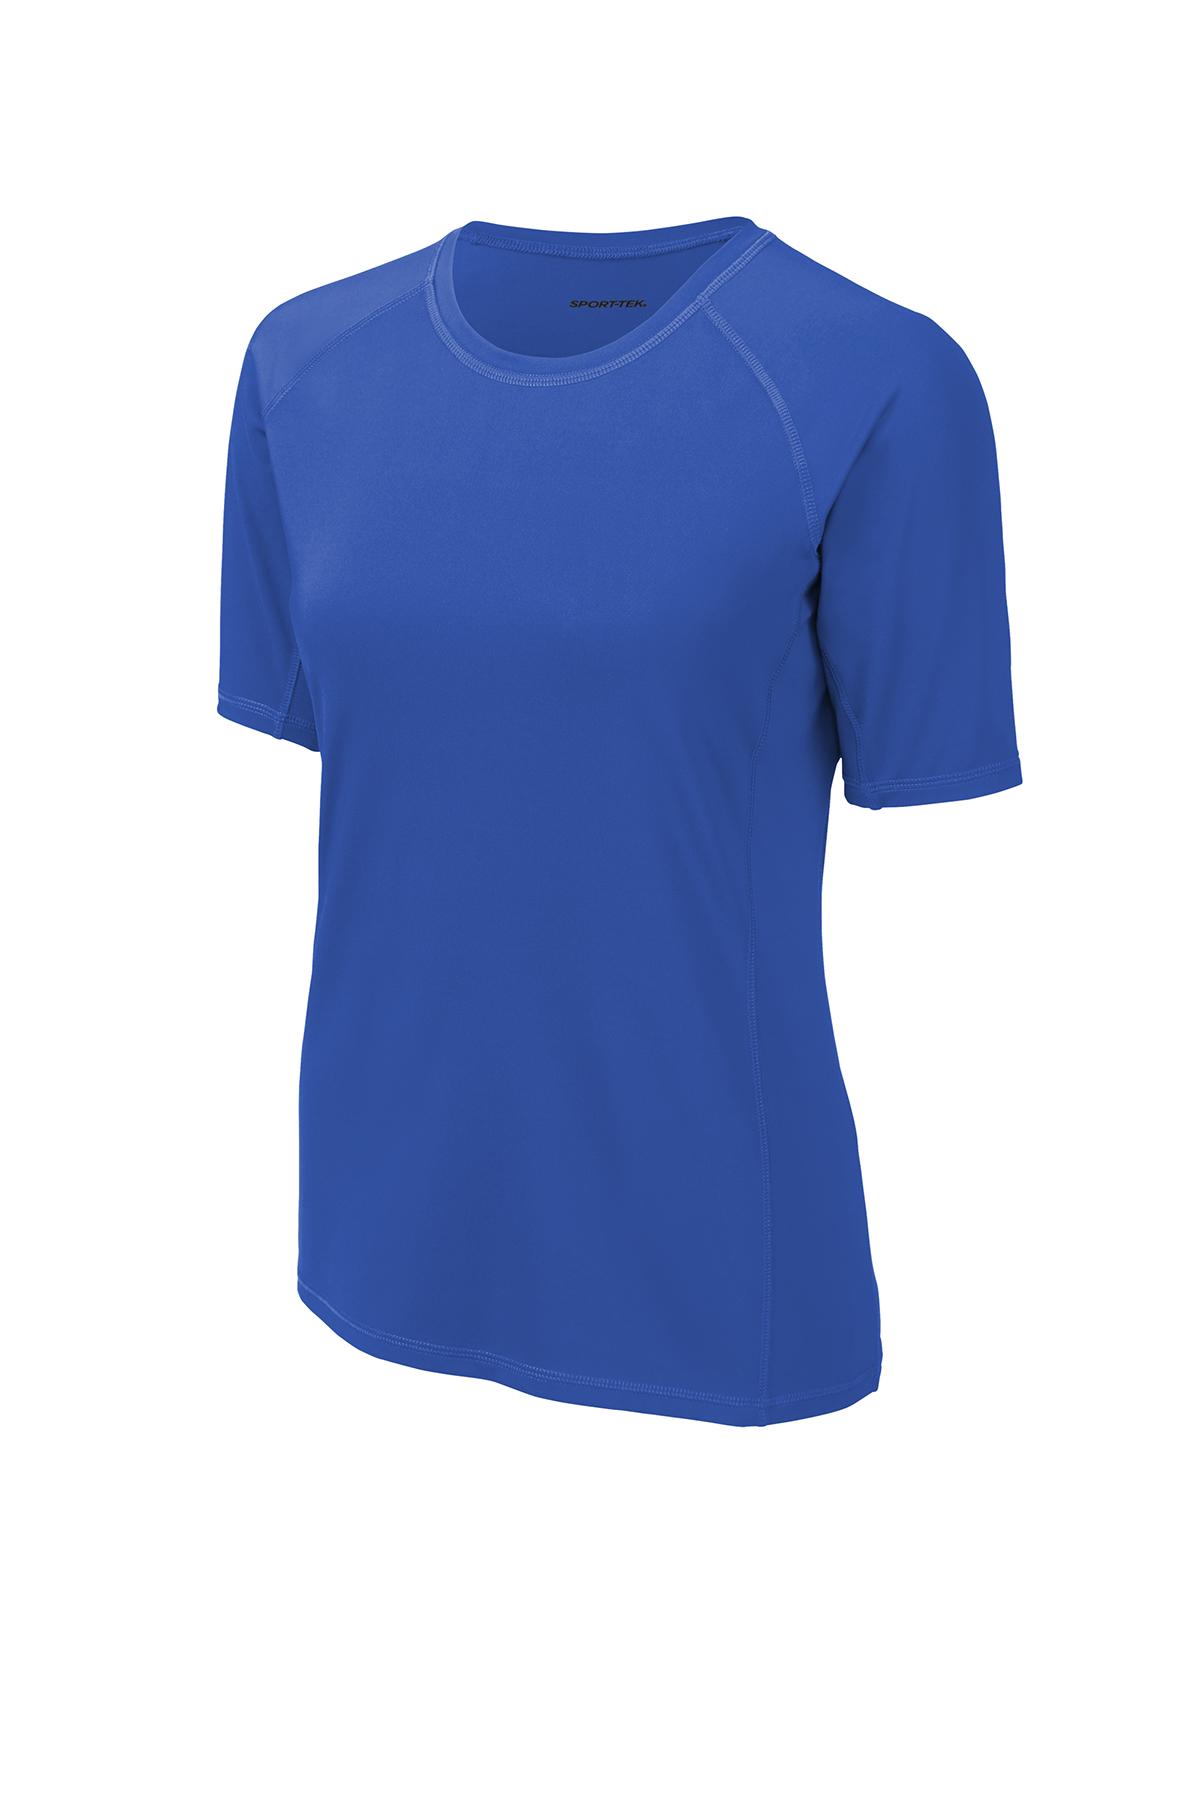 Sport-Tek ® LST470 - Ladies Rashguard Tee